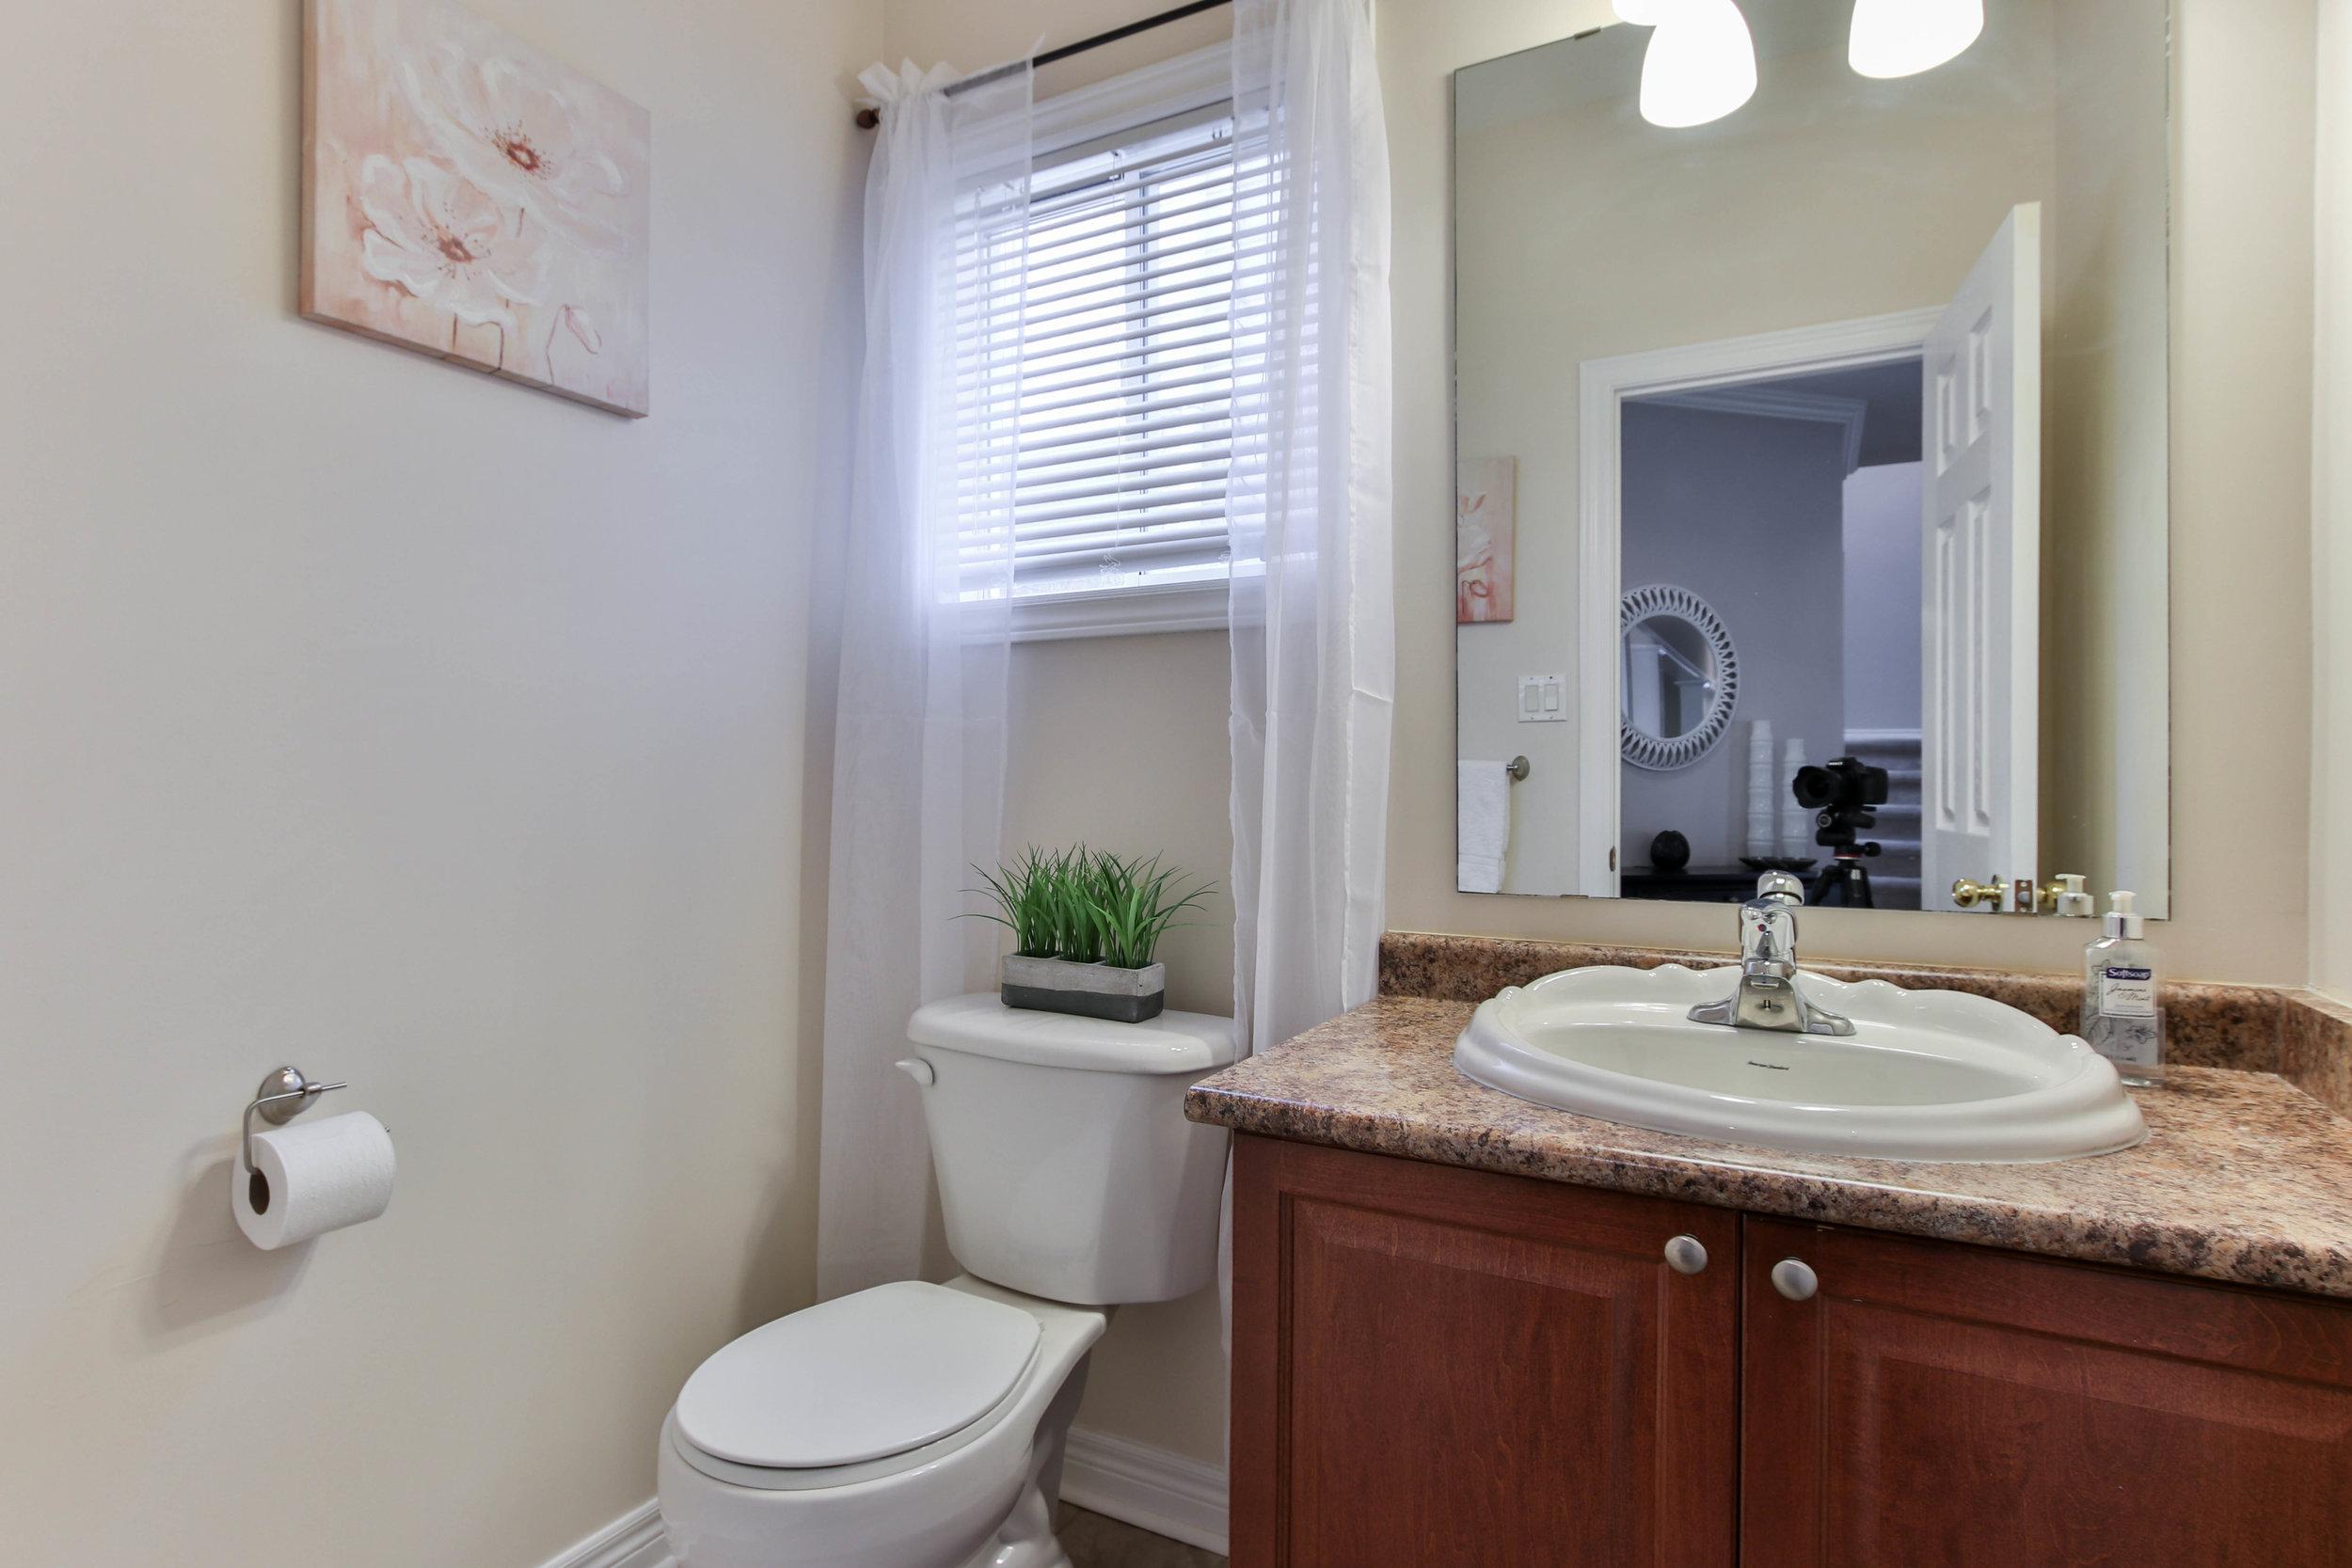 11_Washroom (1 of 1).jpg